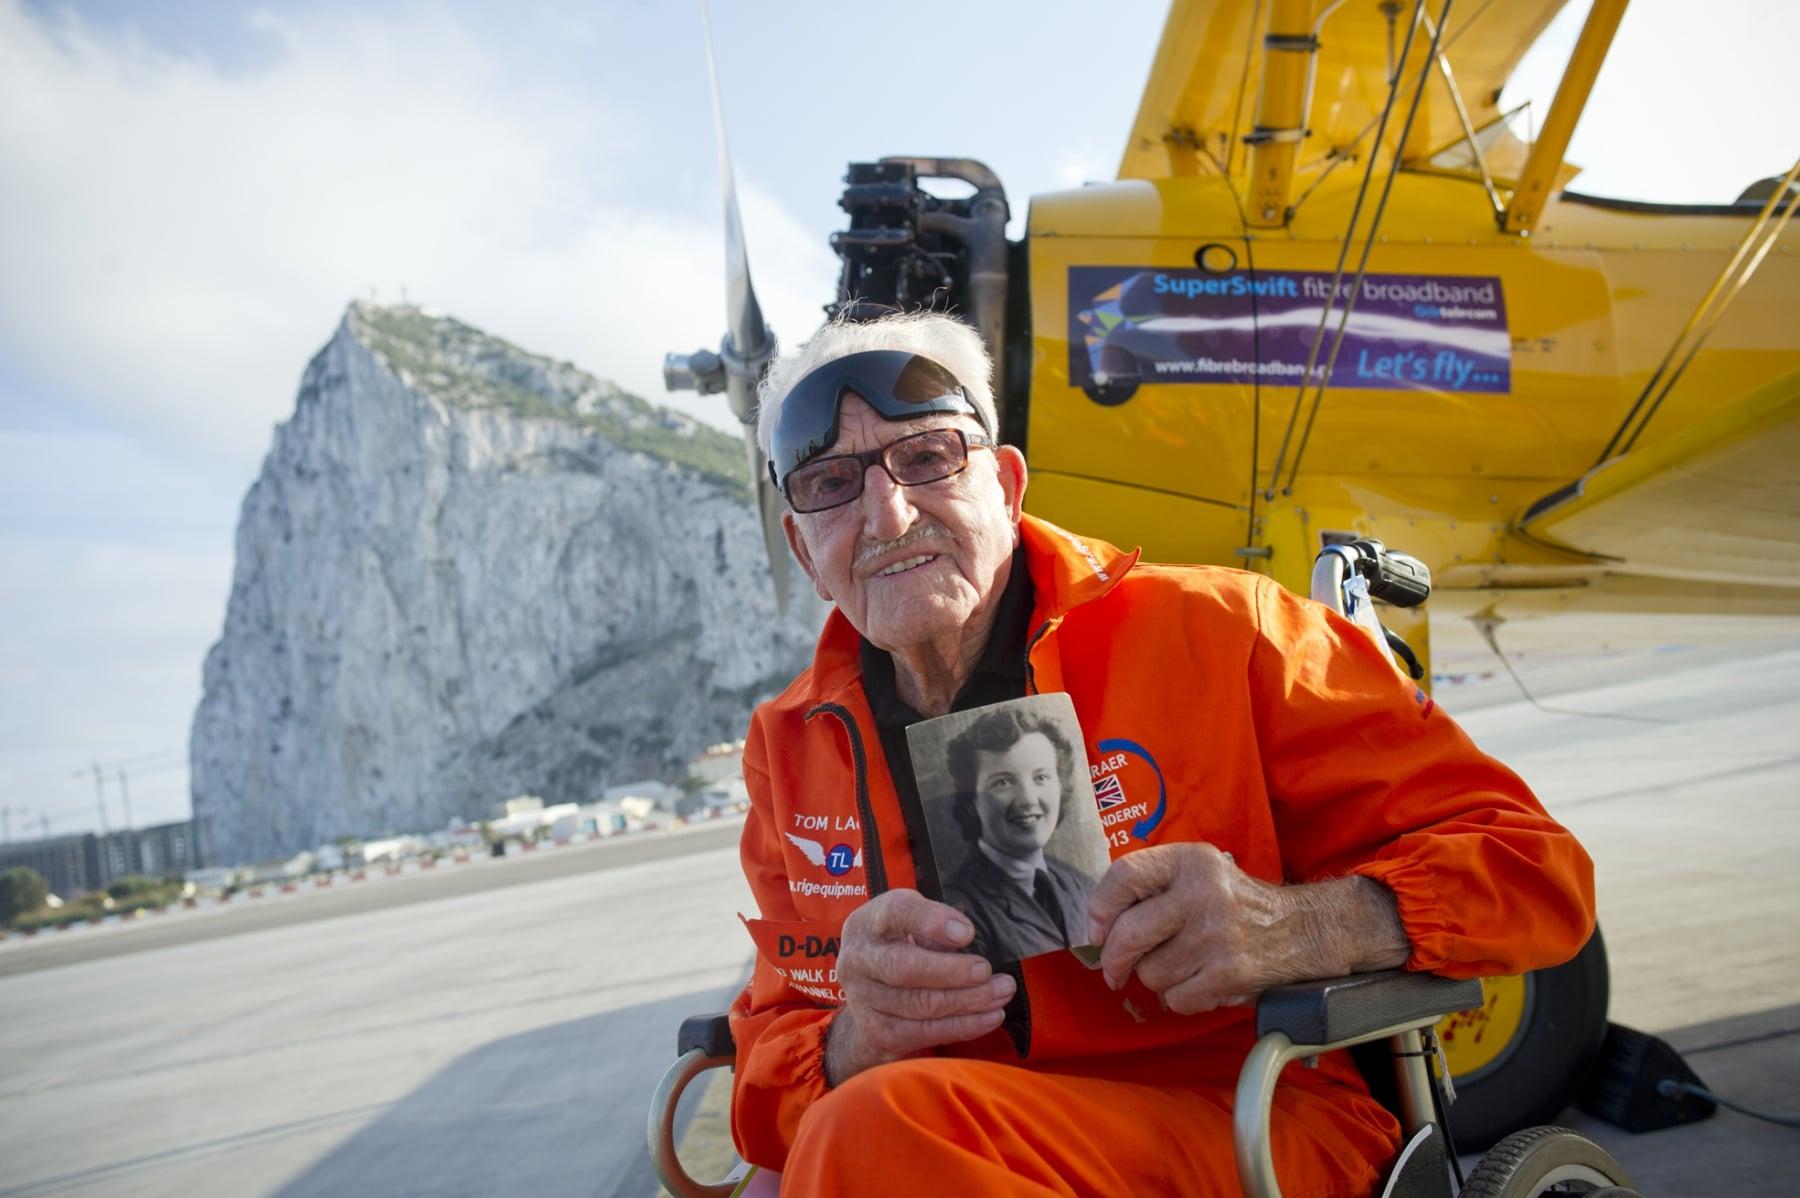 tom-lackey-acrobata-aereo-de-94-anos-en-gibraltar-10102014-24_15493076906_o